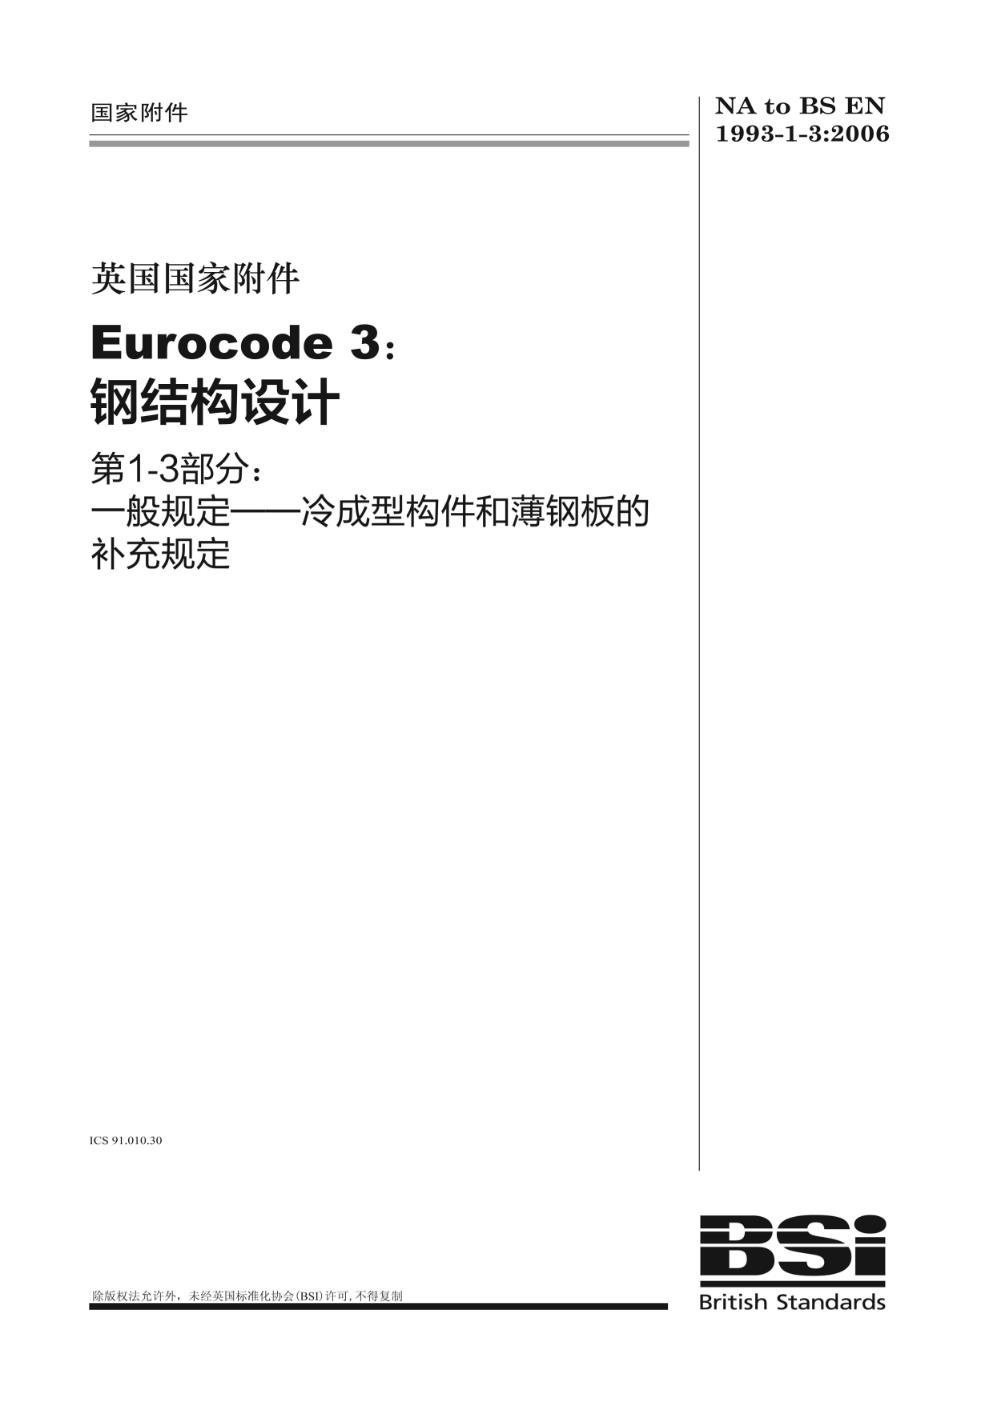 英国国家附件-钢结构设计第1-3部分:一般规定——冷成型构件和薄钢板的补充规定-NA-to-BS-EN-1993-1-3:2006-Page-007